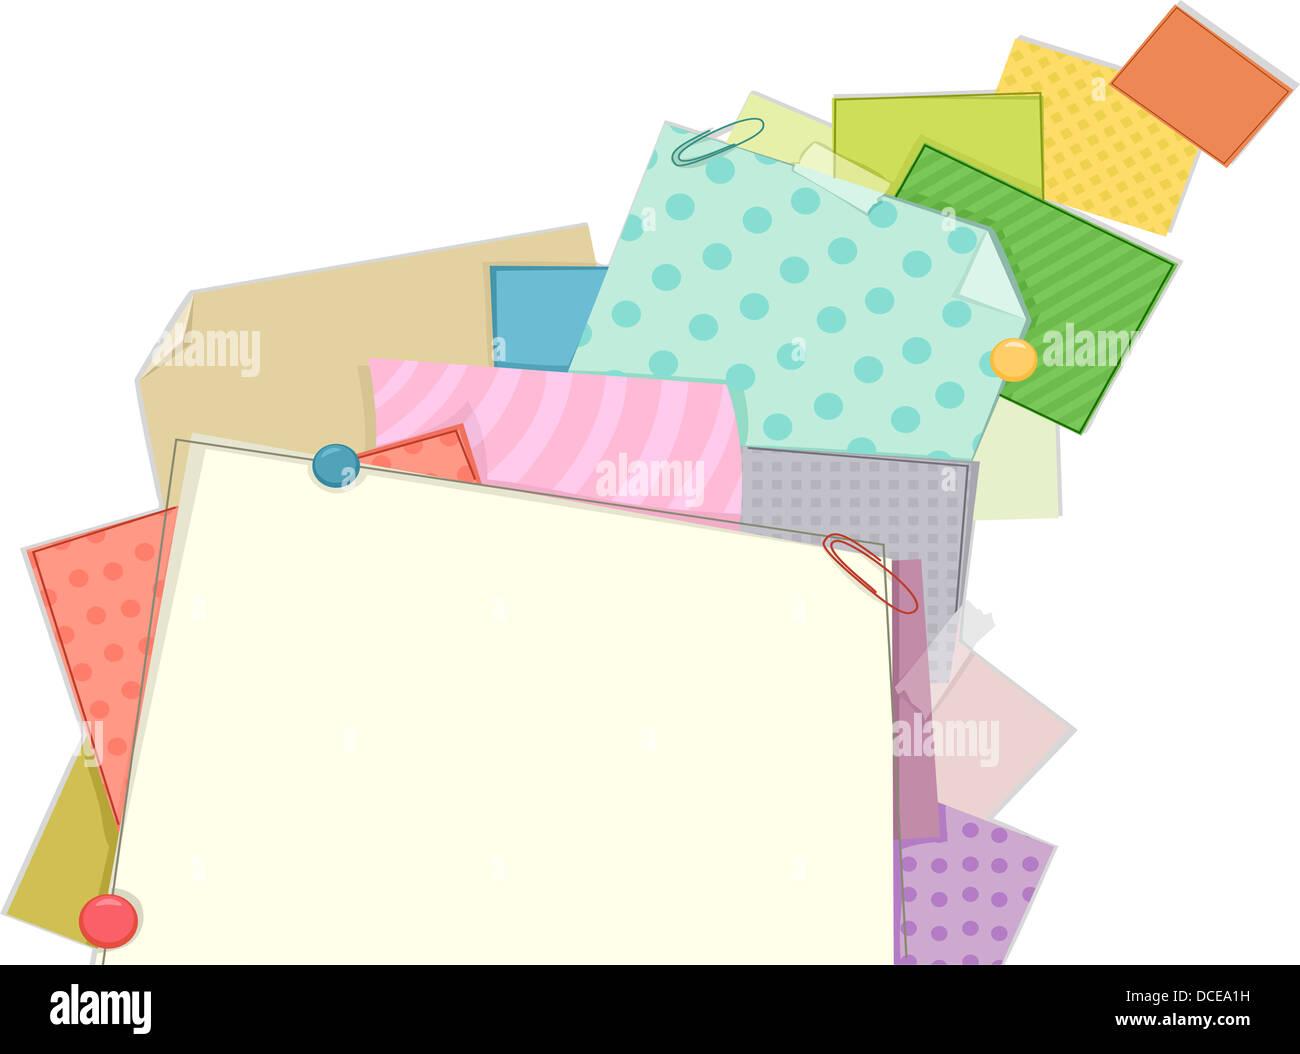 Hintergrund Illustration von gemusterten Papier Rahmen Stockfoto ...